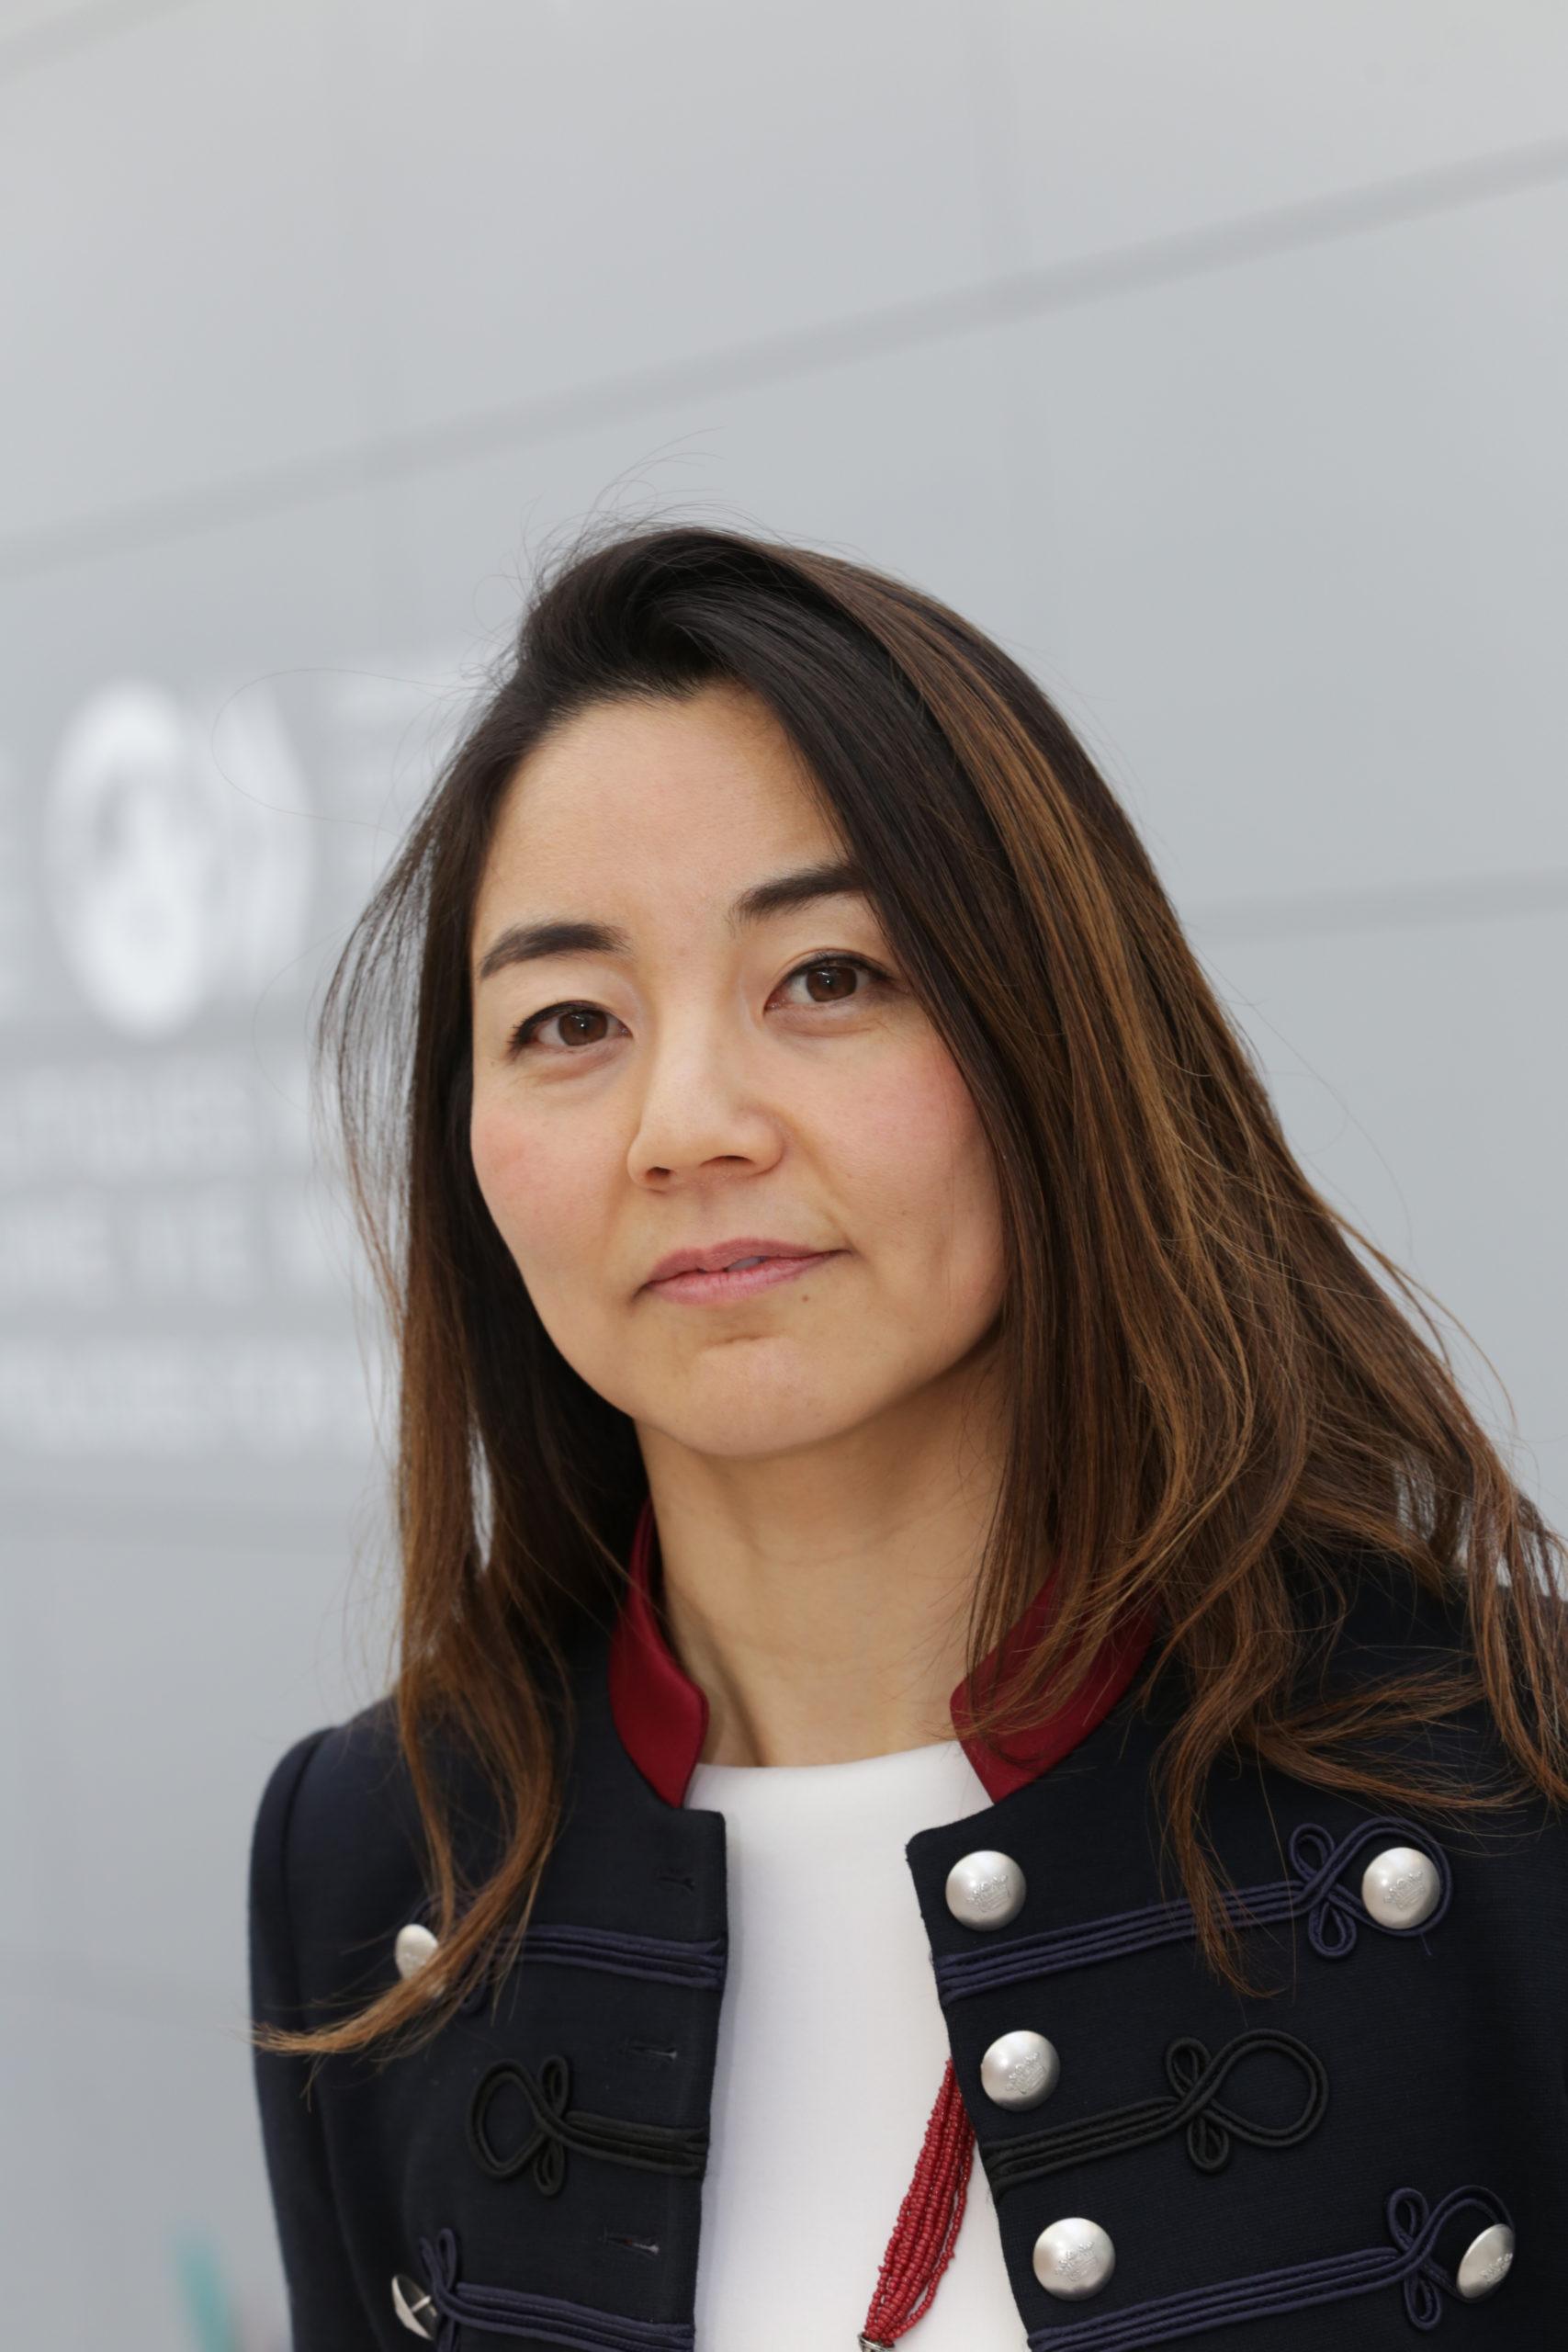 第 94回 ICB 講演会:横井眞美子氏「海外で仕事人として活躍するために---日本人の特徴を考察しながら---」